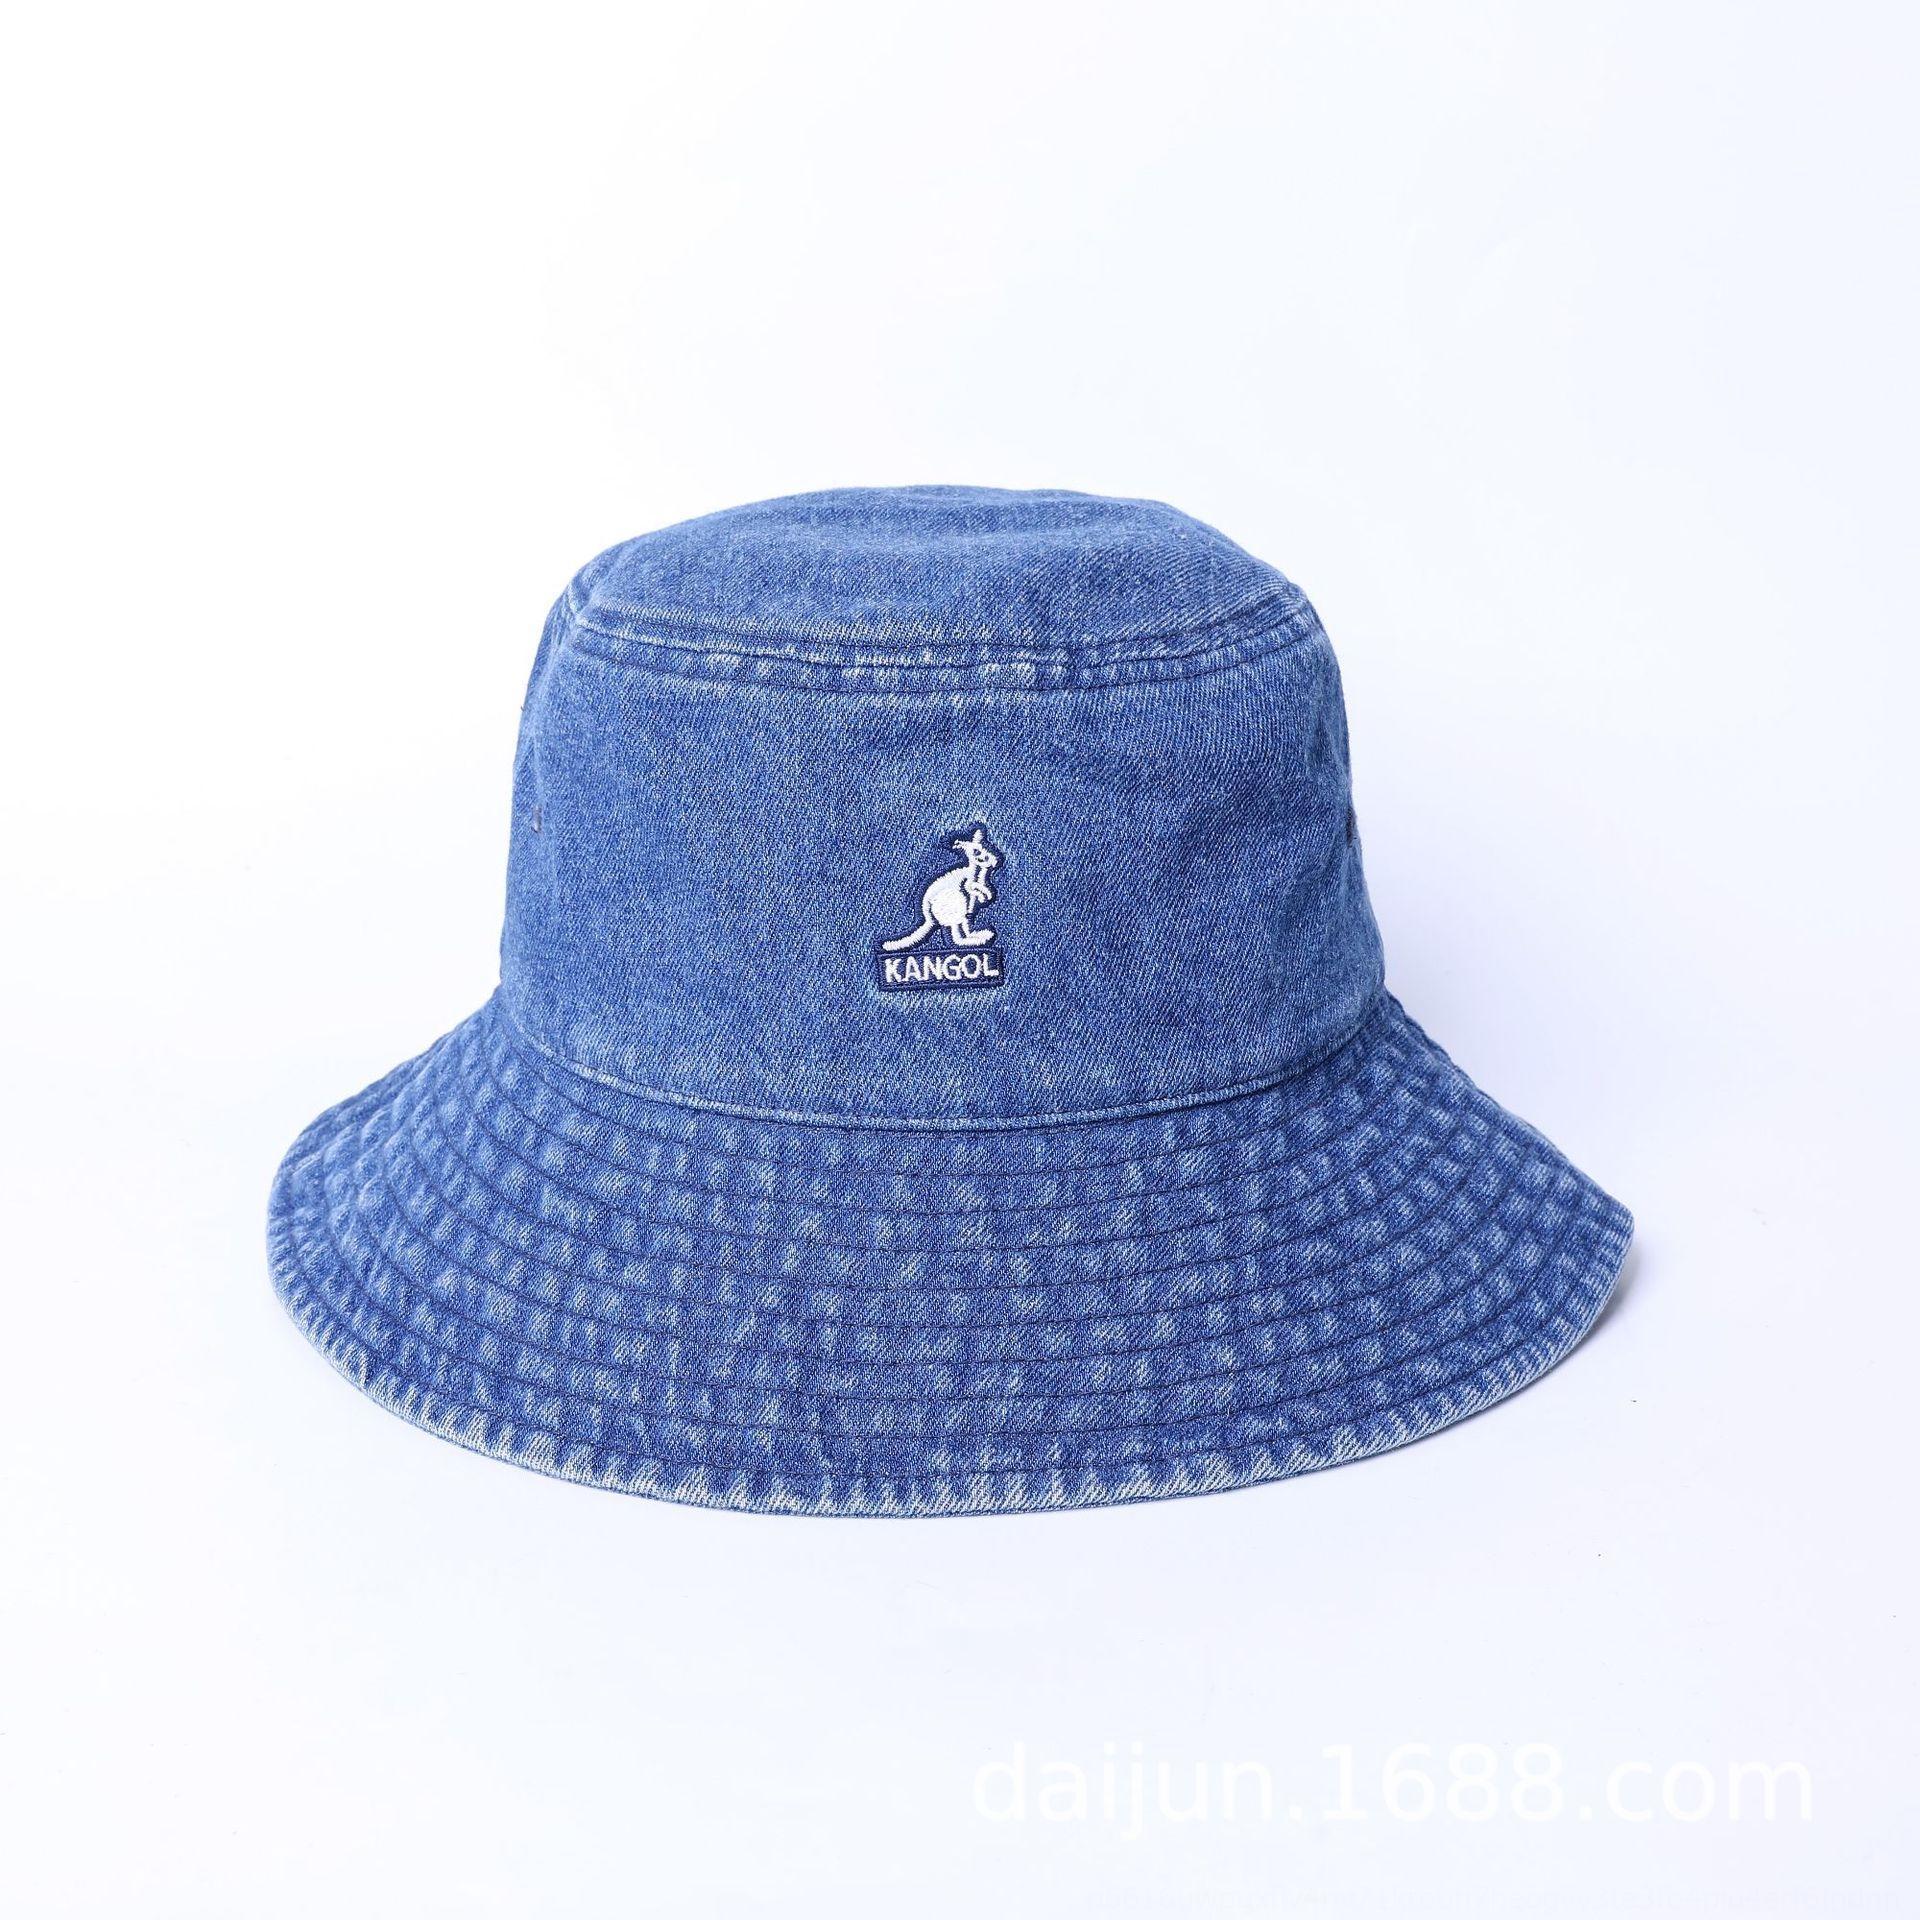 n0bYn Kangol Känguru Cowboy Fischer blau große Krempe Sonnenschirm Freizeit bucket bucket hat Internet Berühmtheit ins Becken Hut der gleichen gewaschen